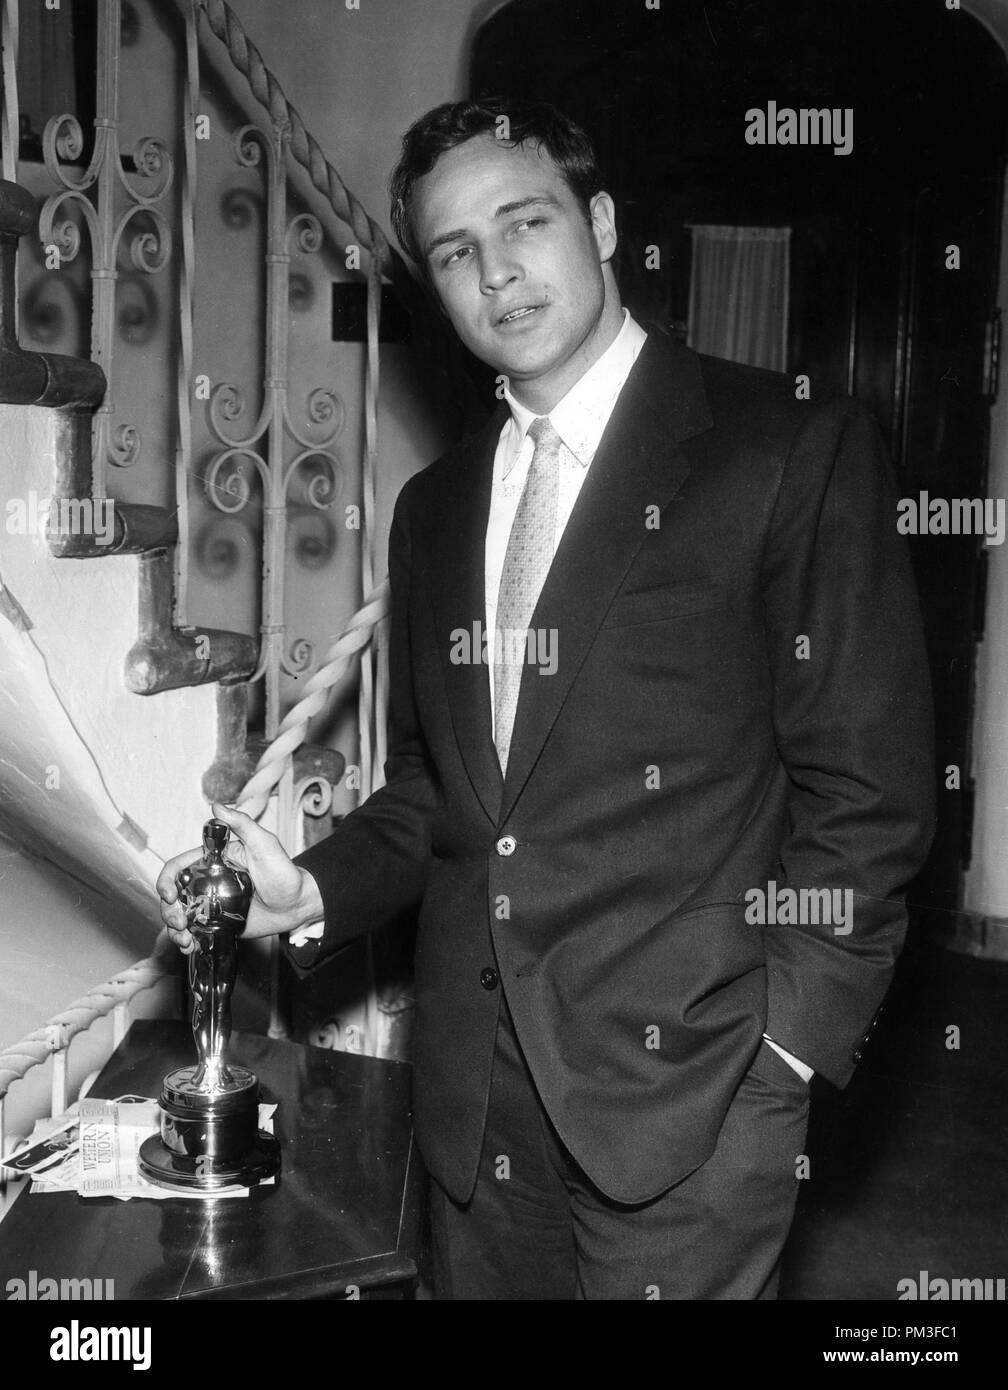 Studio Werbung noch: Marlon Brando mit seinem Oscar 1955 Datei Referenz #  30732 1036 THA Stockfotografie - Alamy